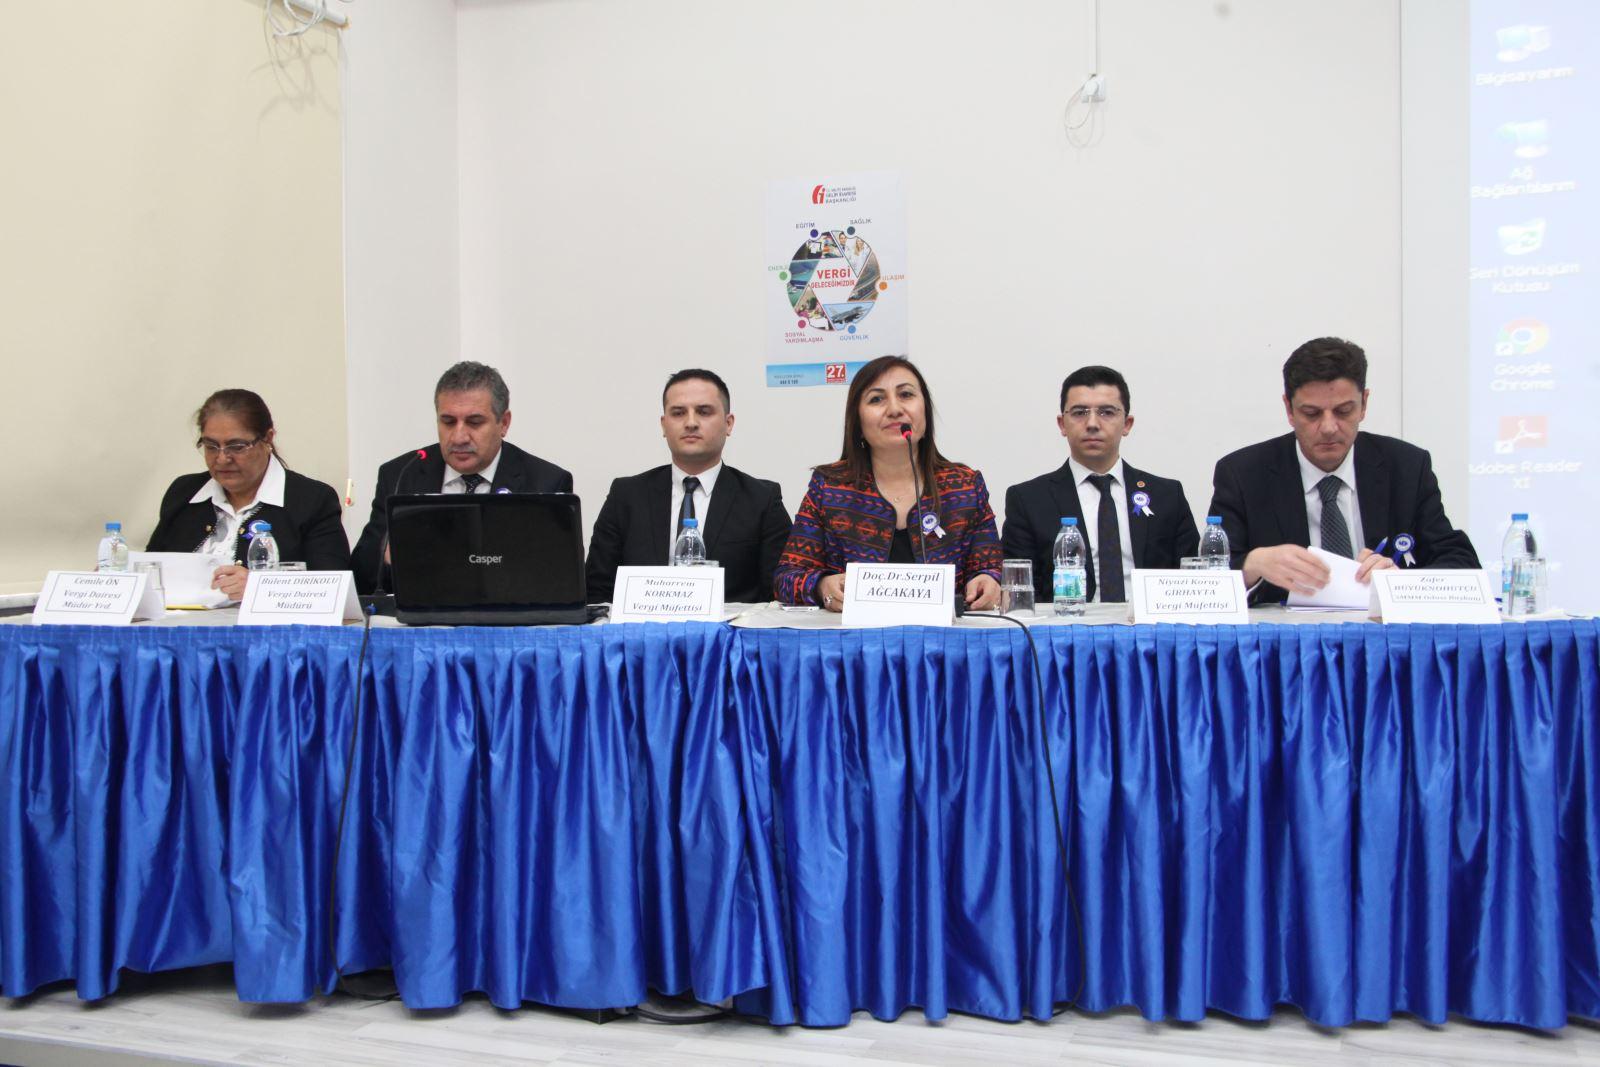 27 Vergi Haftasi Paneli Gerceklesti Suleyman Demirel